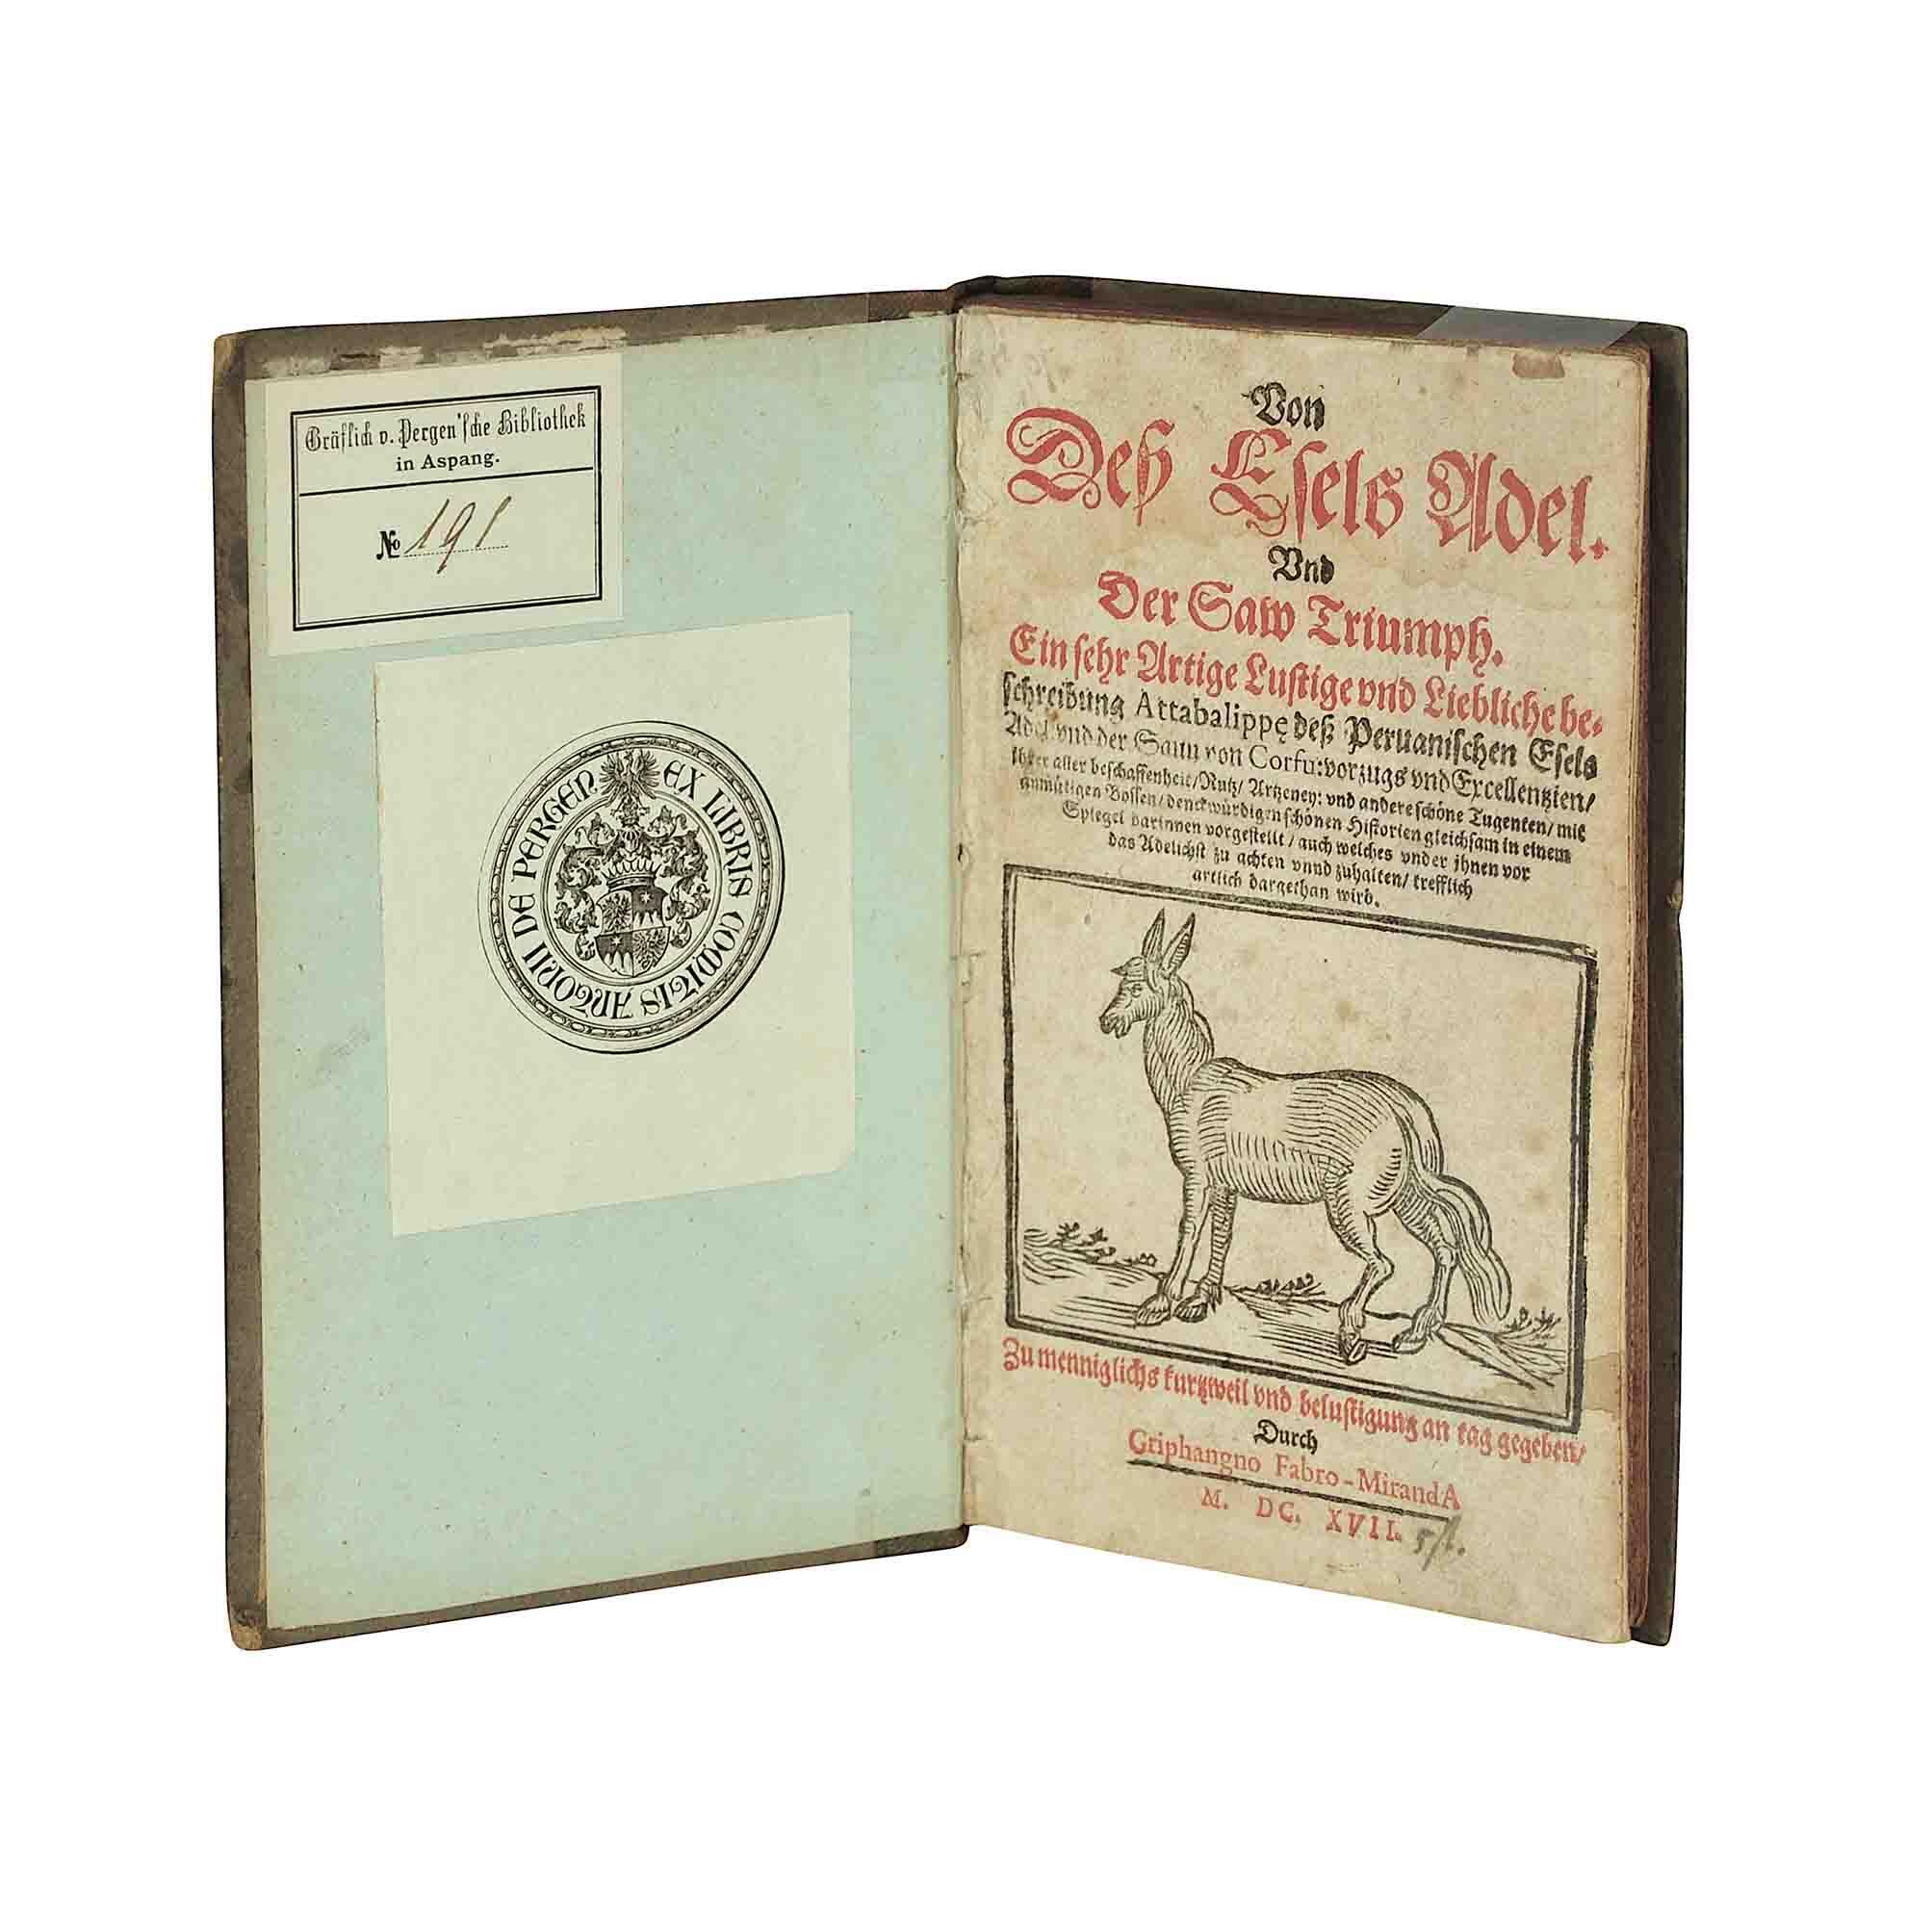 5574 Banchieri Messerschid Esel Adel 1617 Titel Ex Libris aufgestellt A N